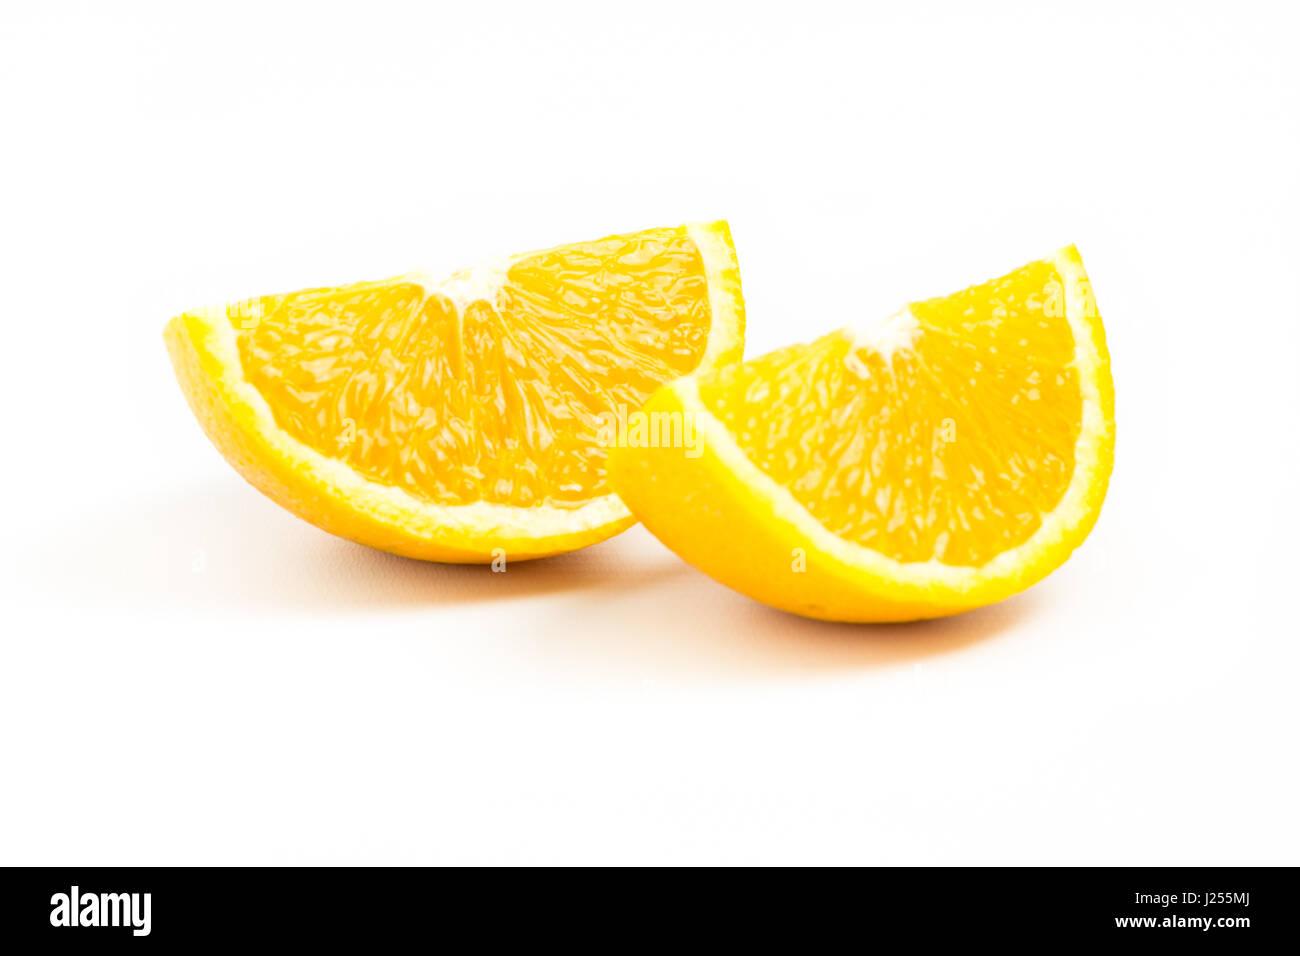 Two fresh orange slices  isolated on white background. Two Objects. Orange Slices. - Stock Image